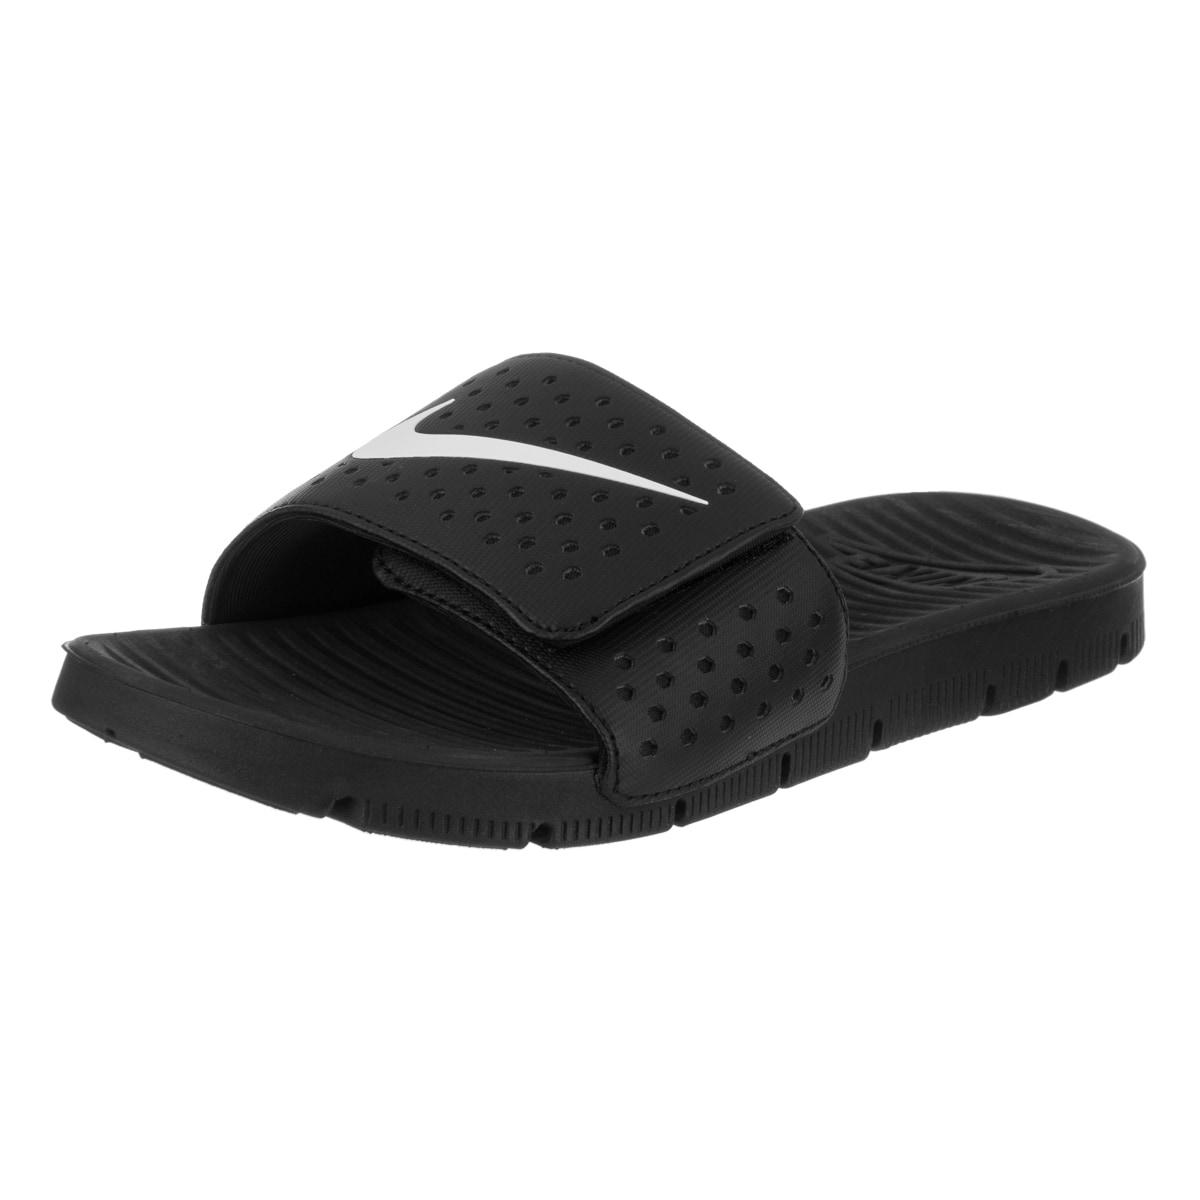 770f2944c243 Shop Nike Men s Flex Motion Slide Sandal - Free Shipping On Orders Over  45  - Overstock - 16850185